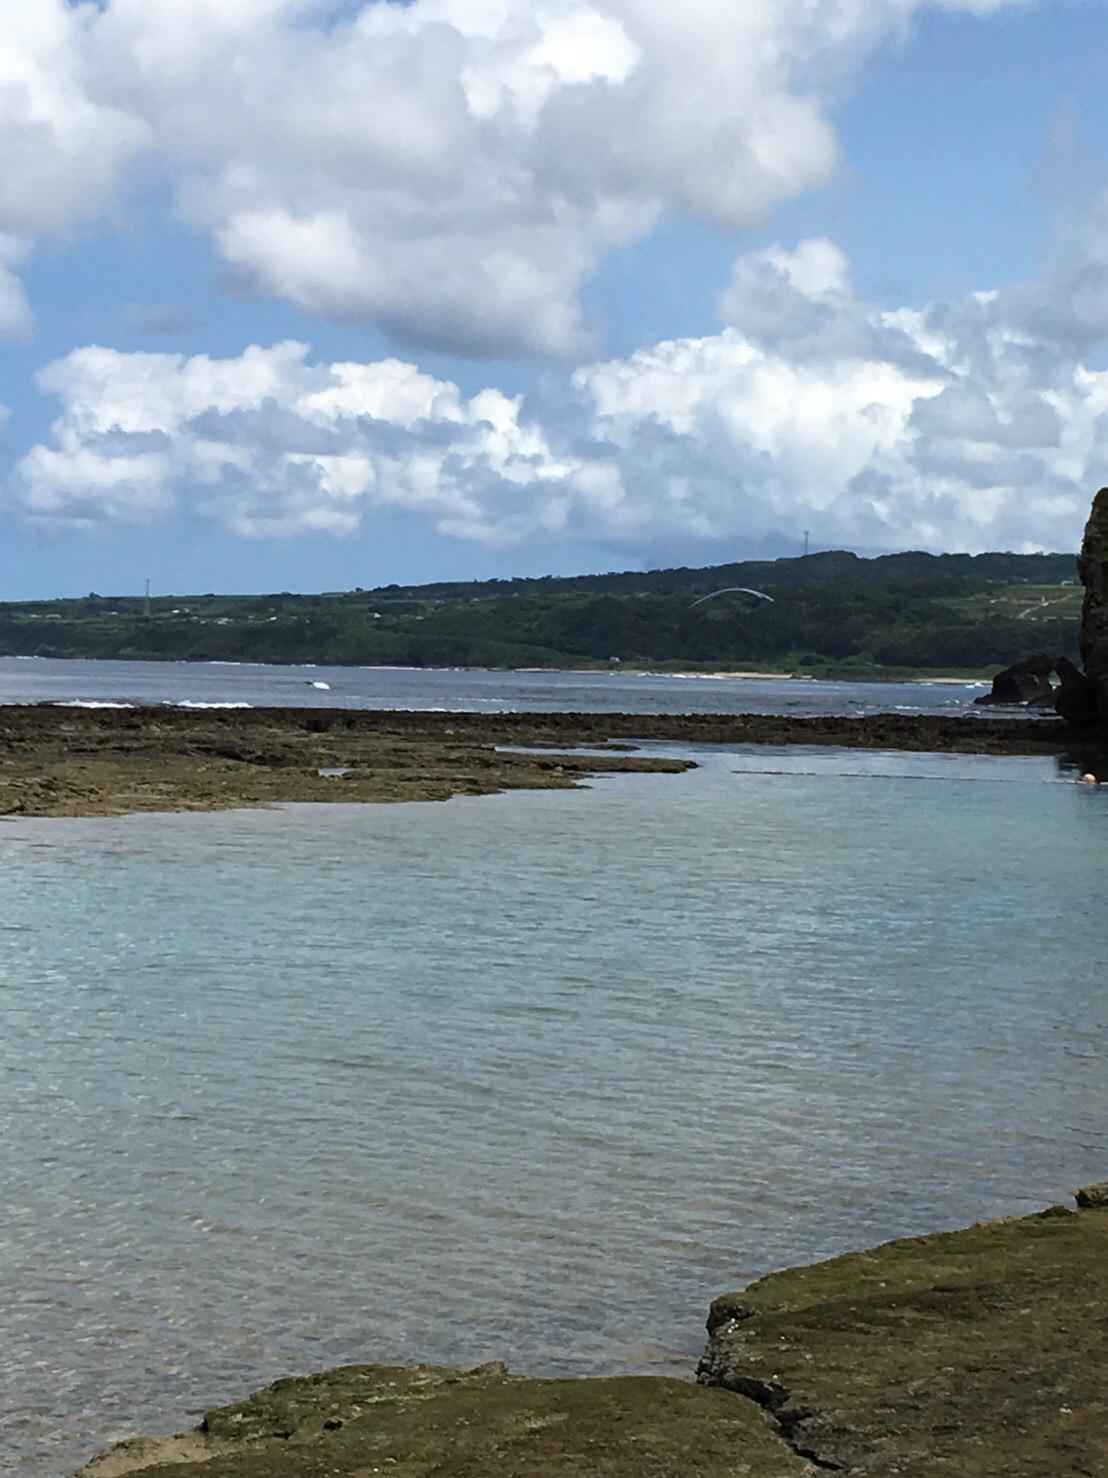 瀬田海海浜公園の釣り場紹介、鹿児島徳之島のリーフからカスミアジ狙いのショアキャスティング